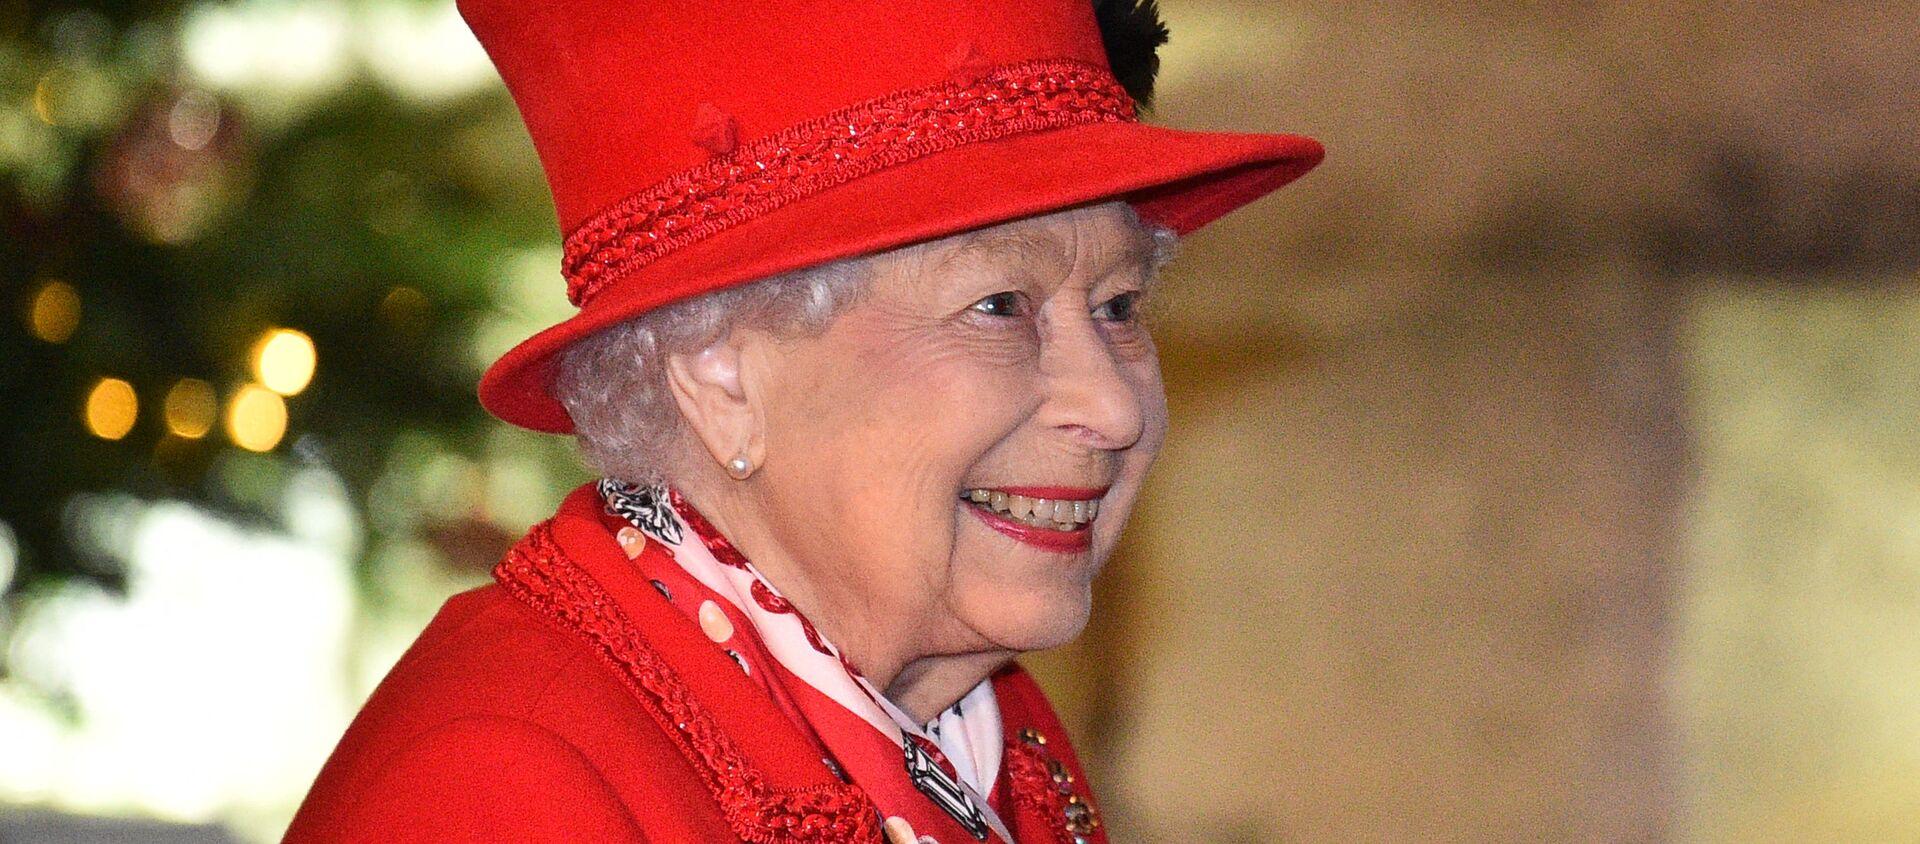 Королева Елизавета II - Sputnik Беларусь, 1920, 17.02.2021